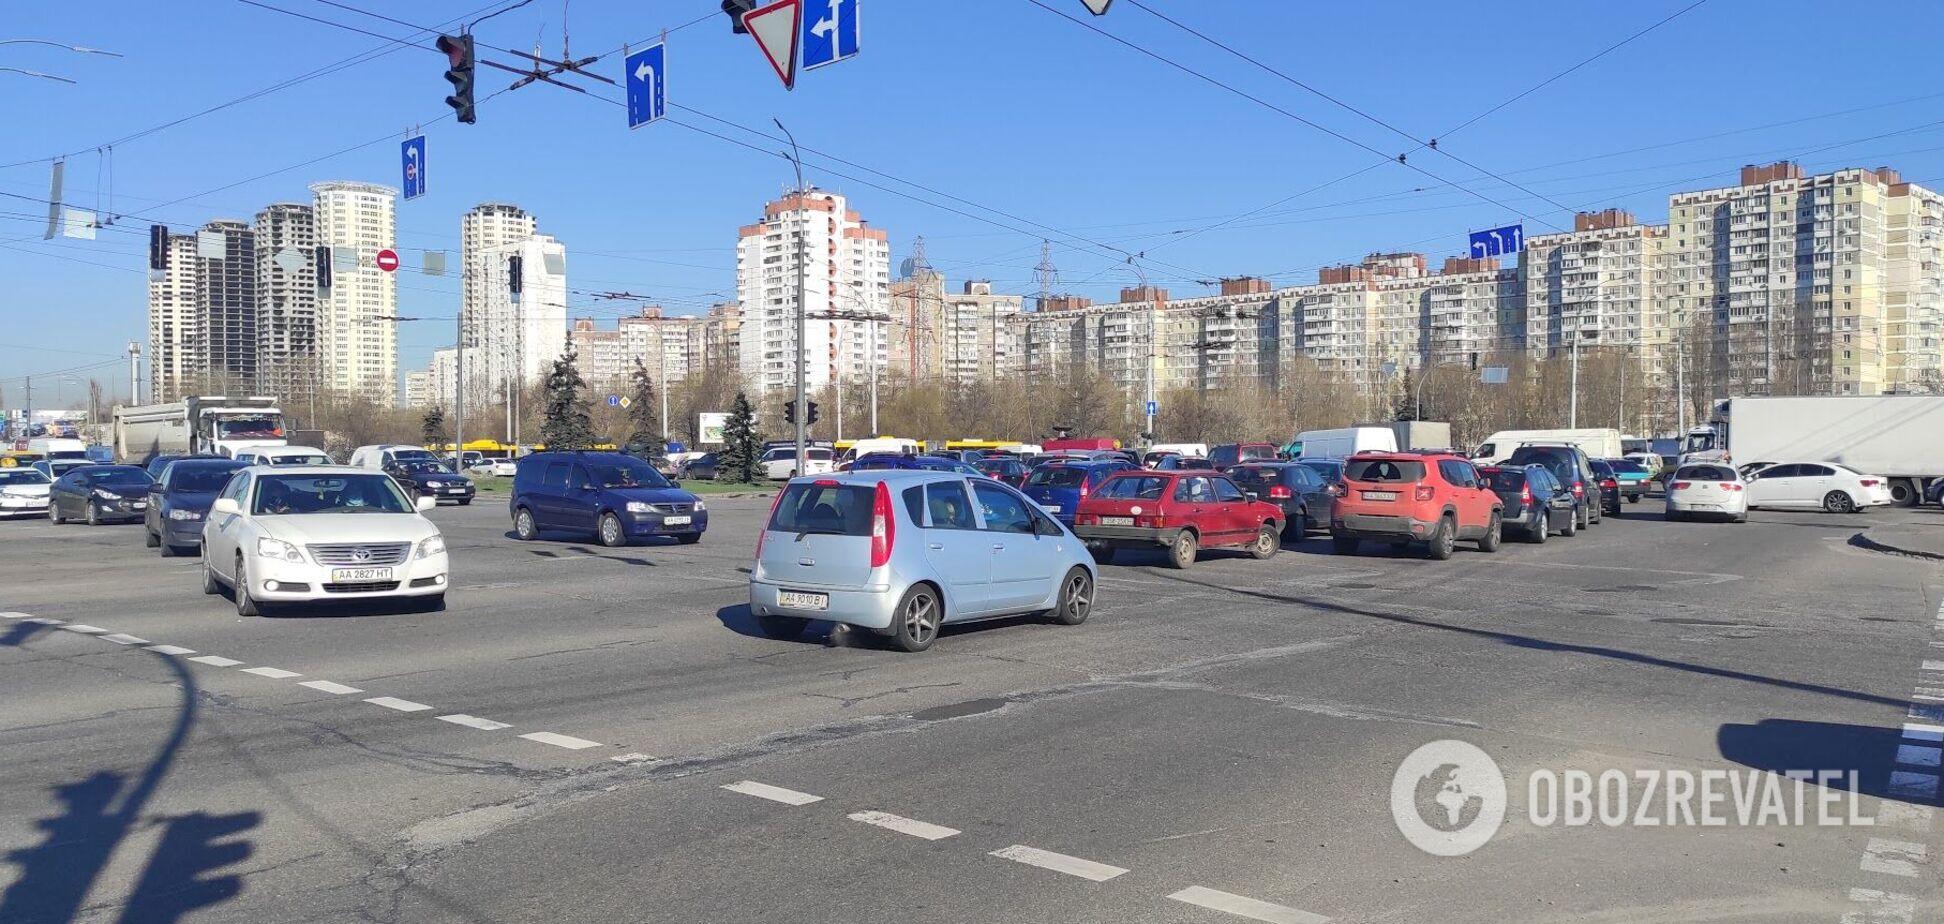 Тягучки є на всіх основних дорогах столиці